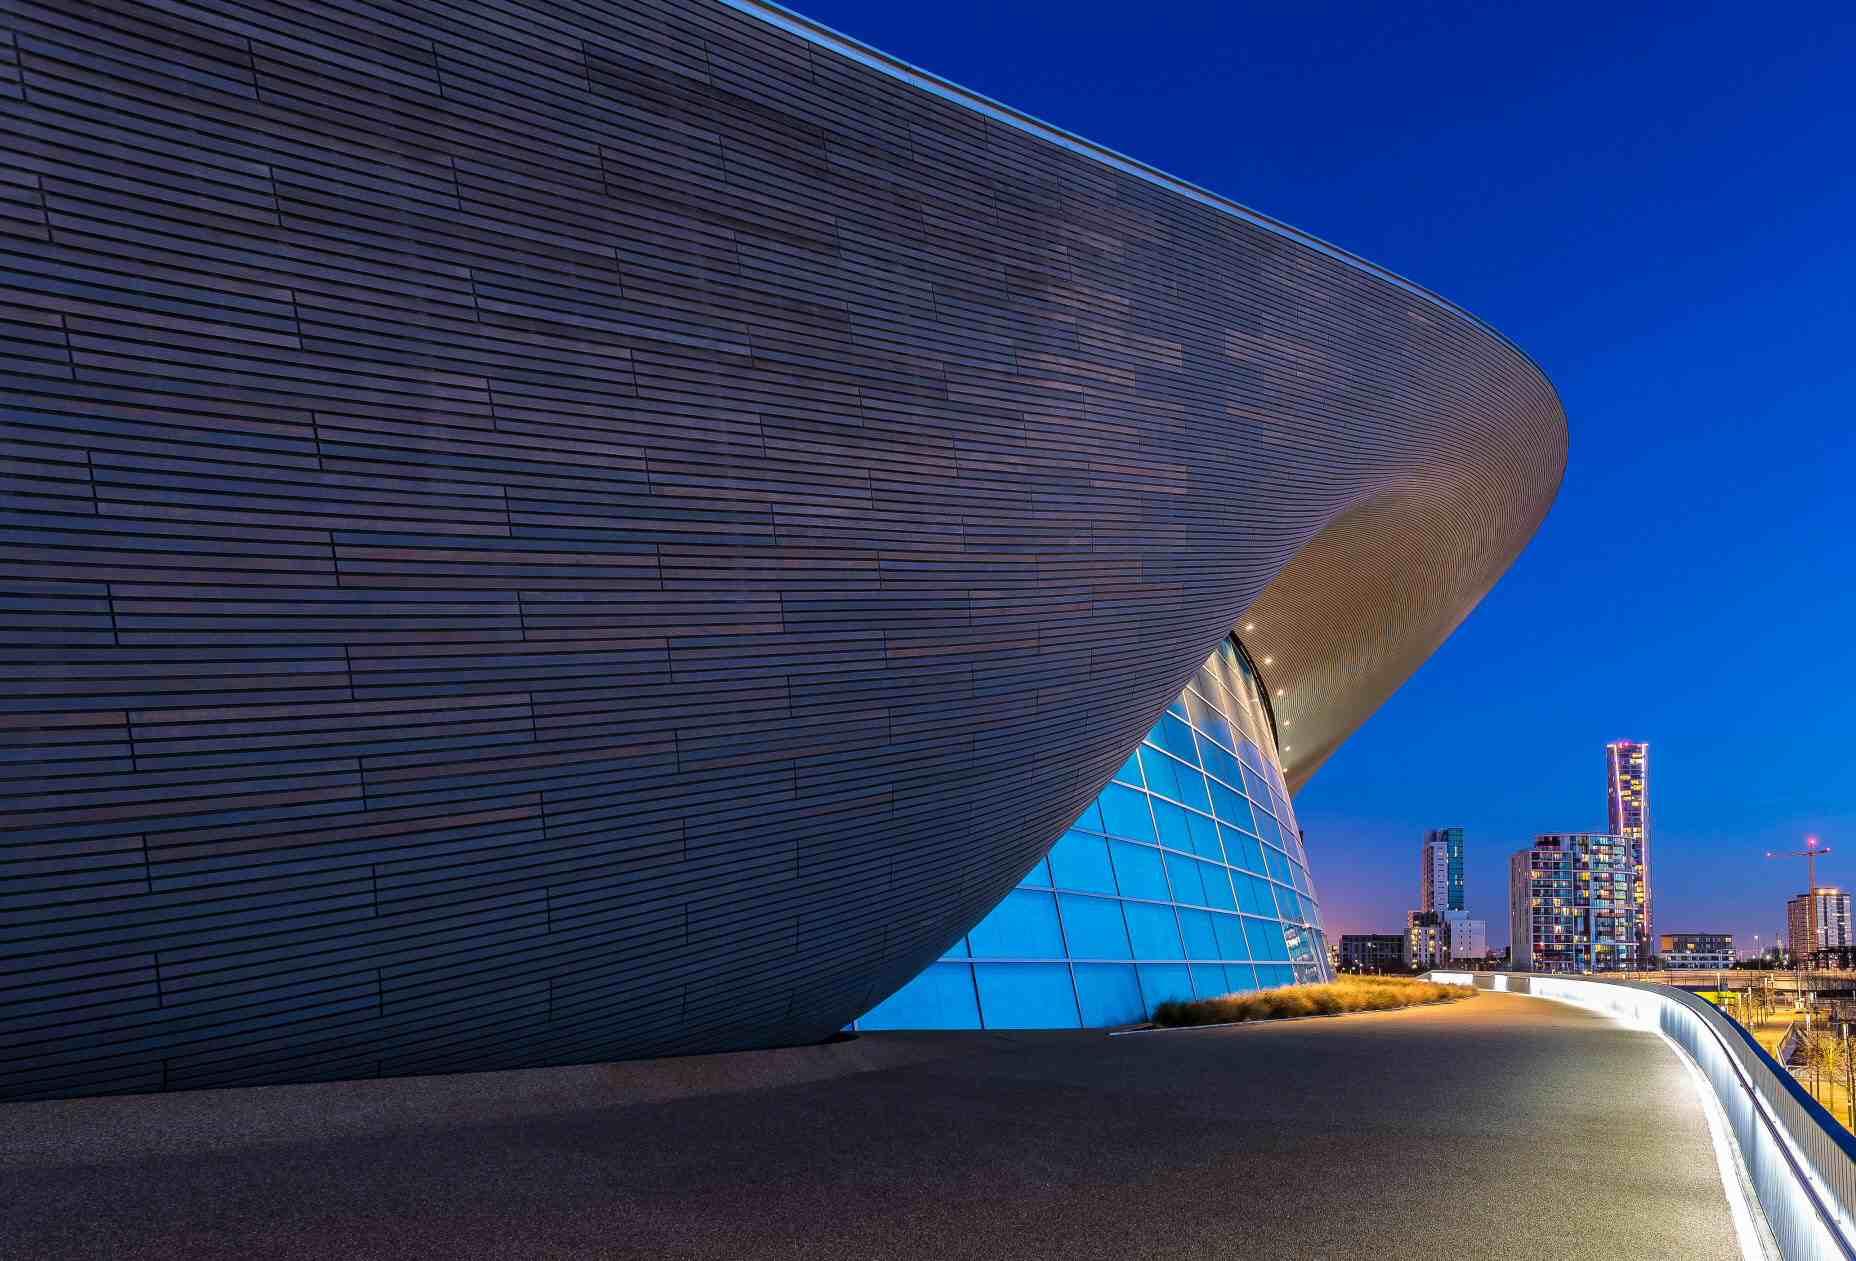 Aquatics Centre at Queen Elizabeth Olympic Park, London